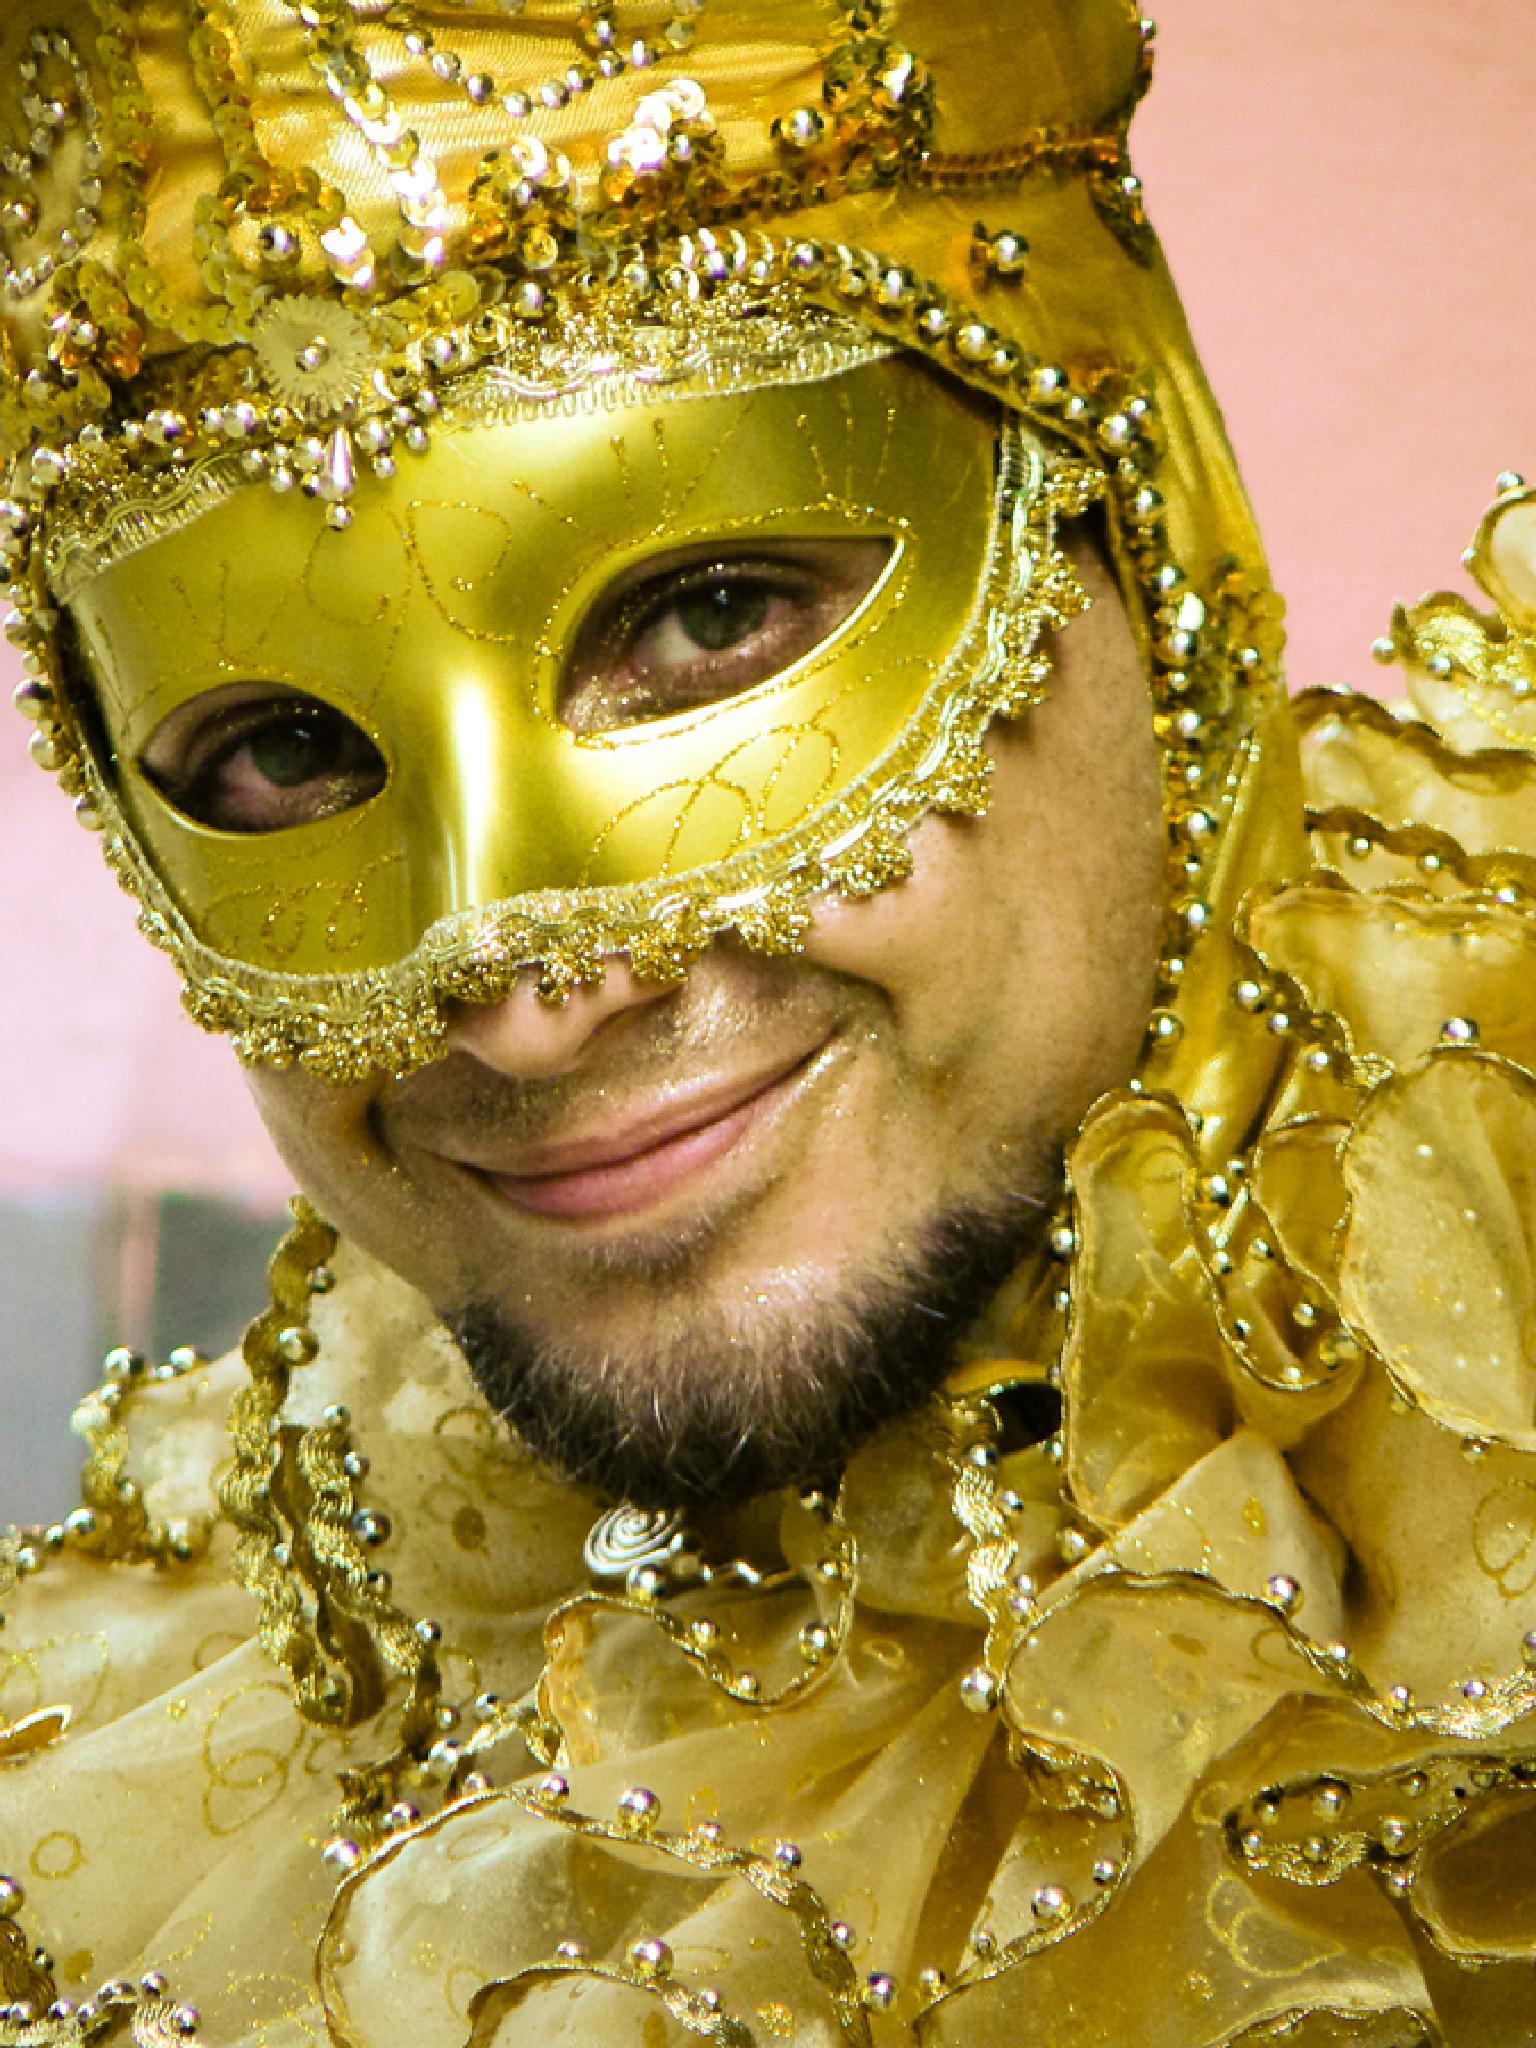 Golden smile by jackselyn